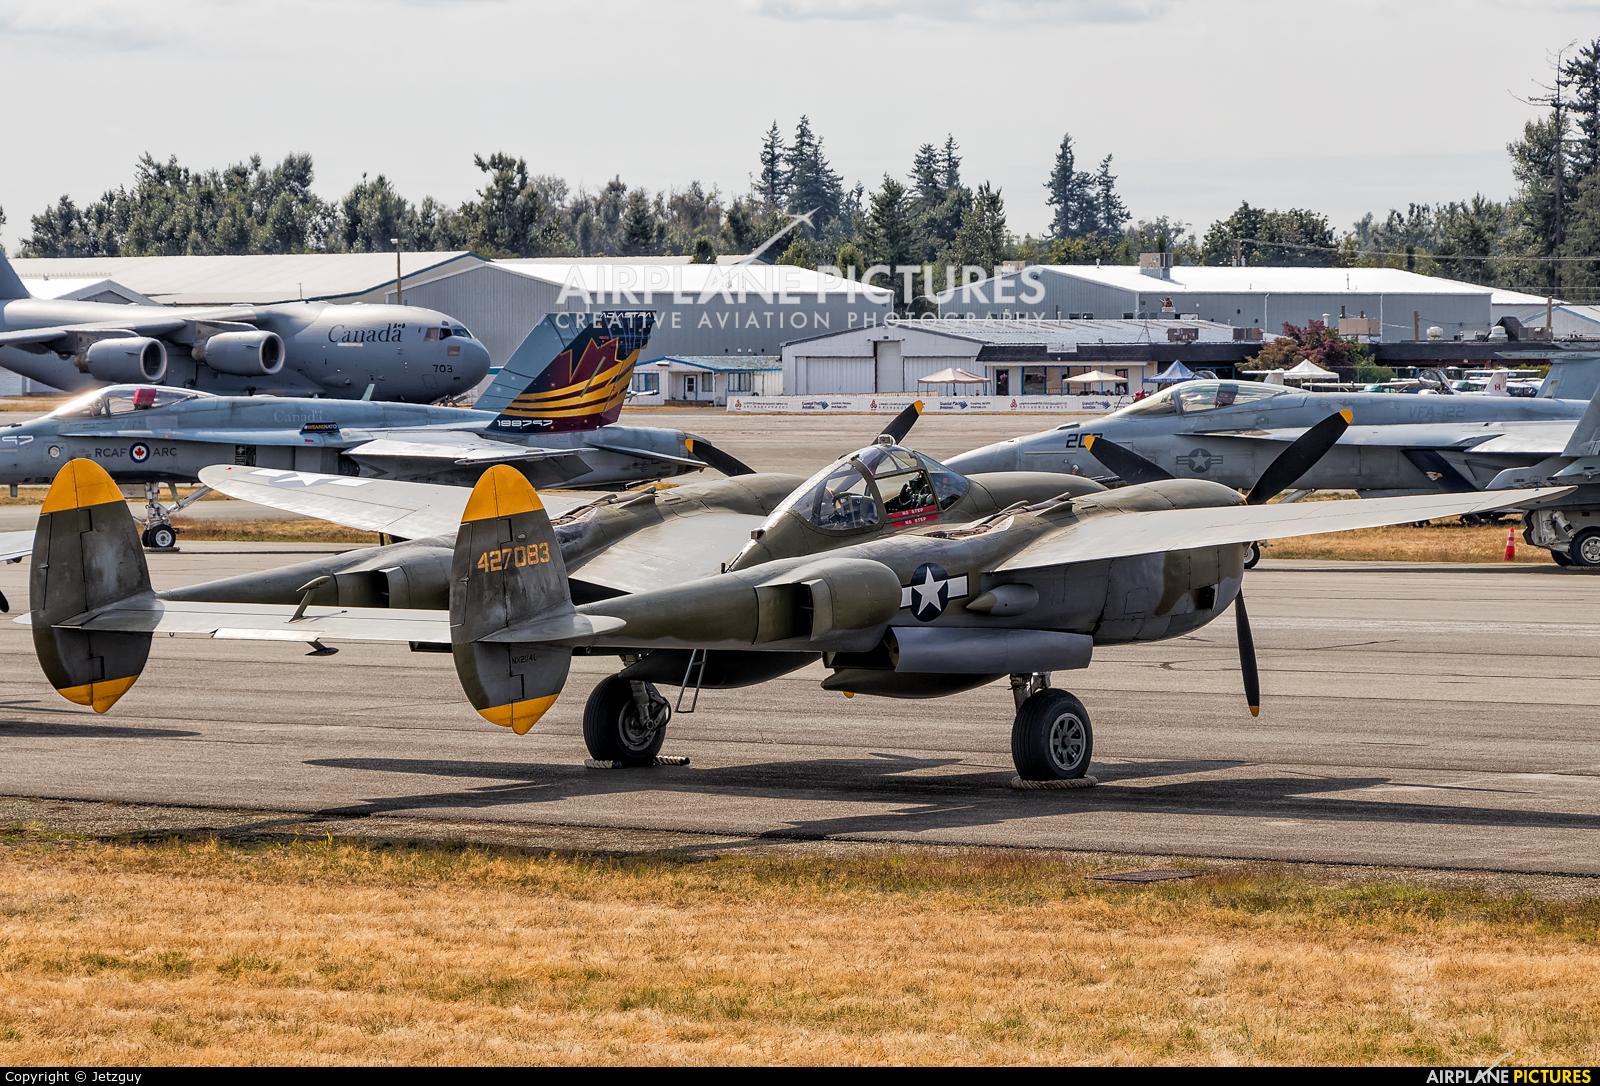 Private NX2114L aircraft at Abbotsford, BC